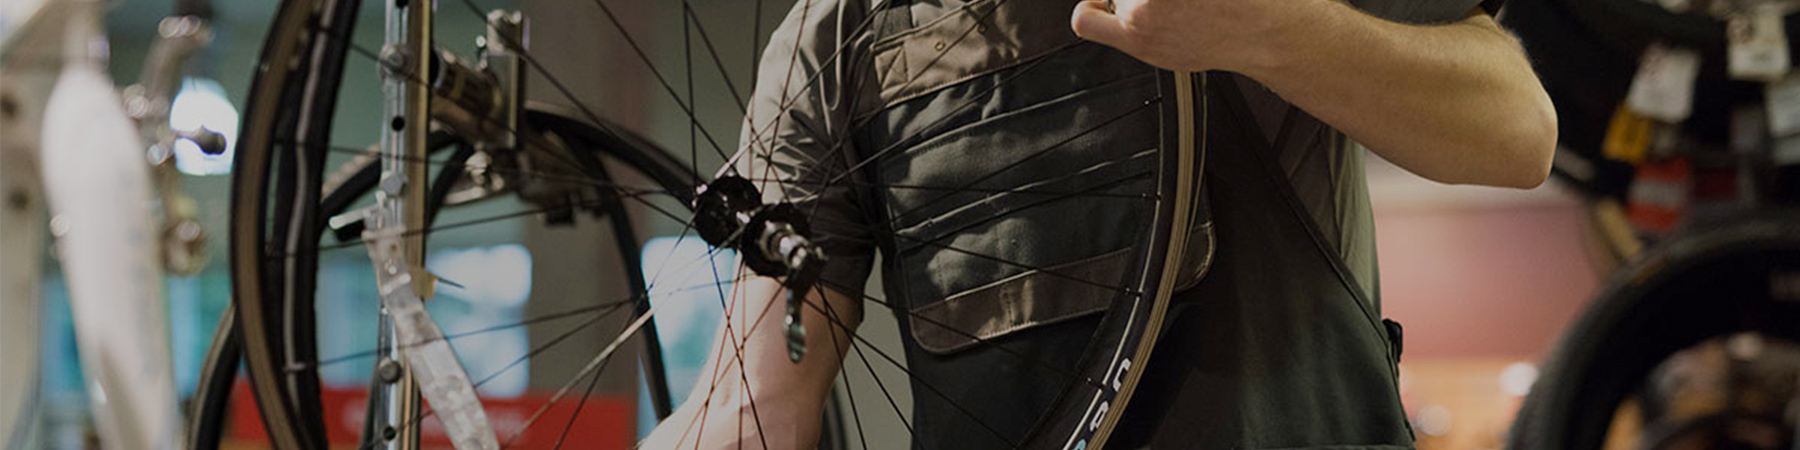 service pentru biciclete